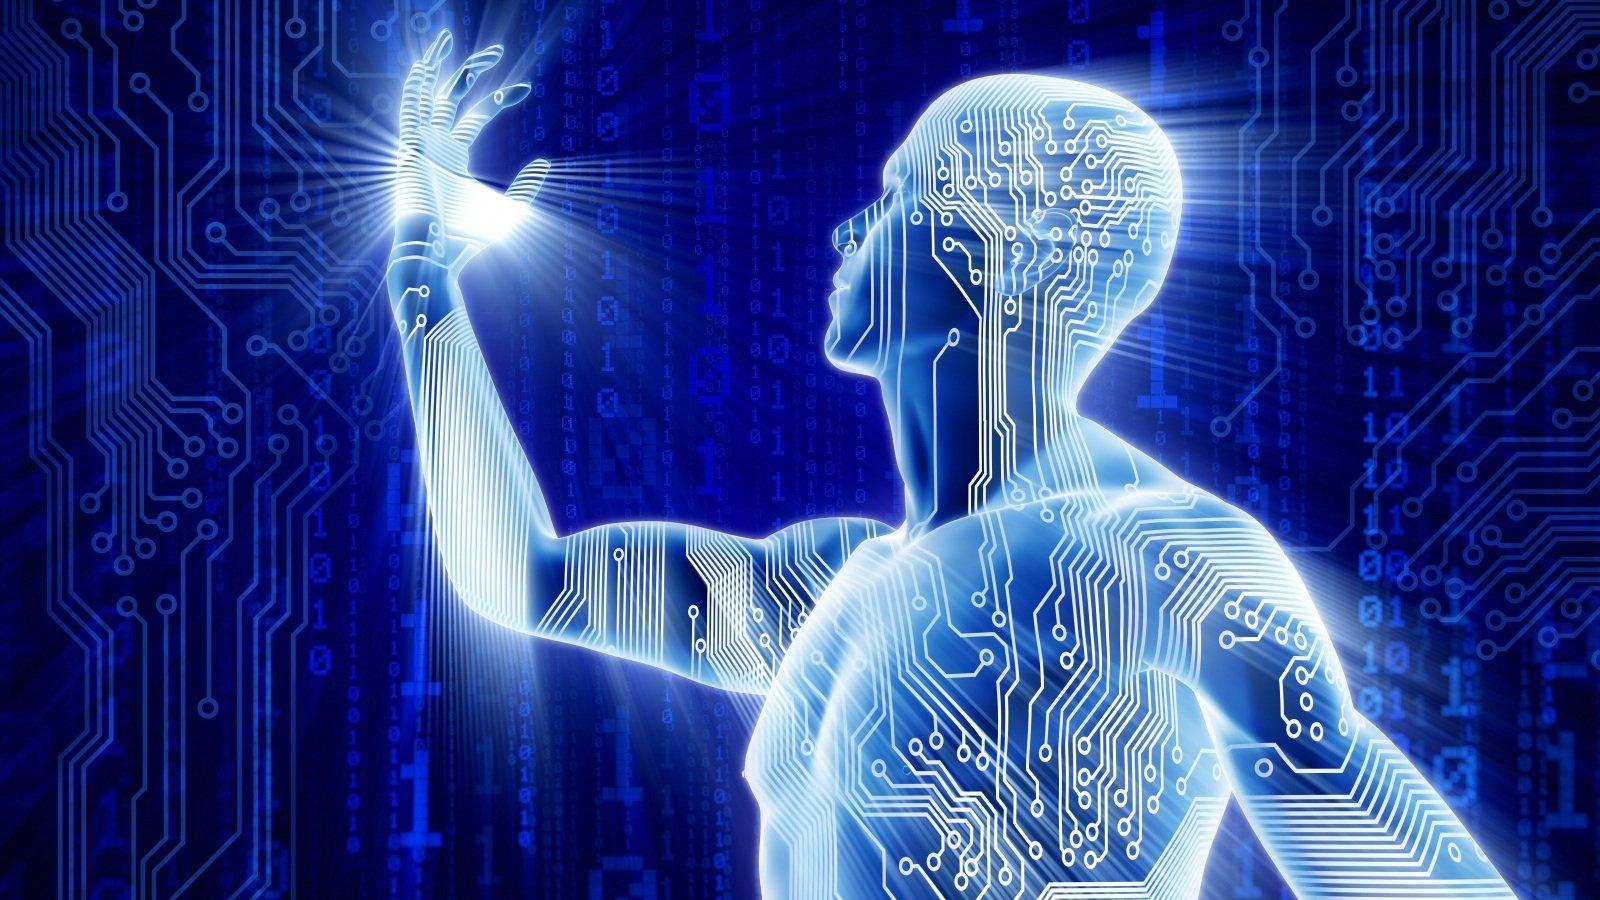 Проект по развитию искусственного интеллекта начнет курировать Минэкономразвития РФ